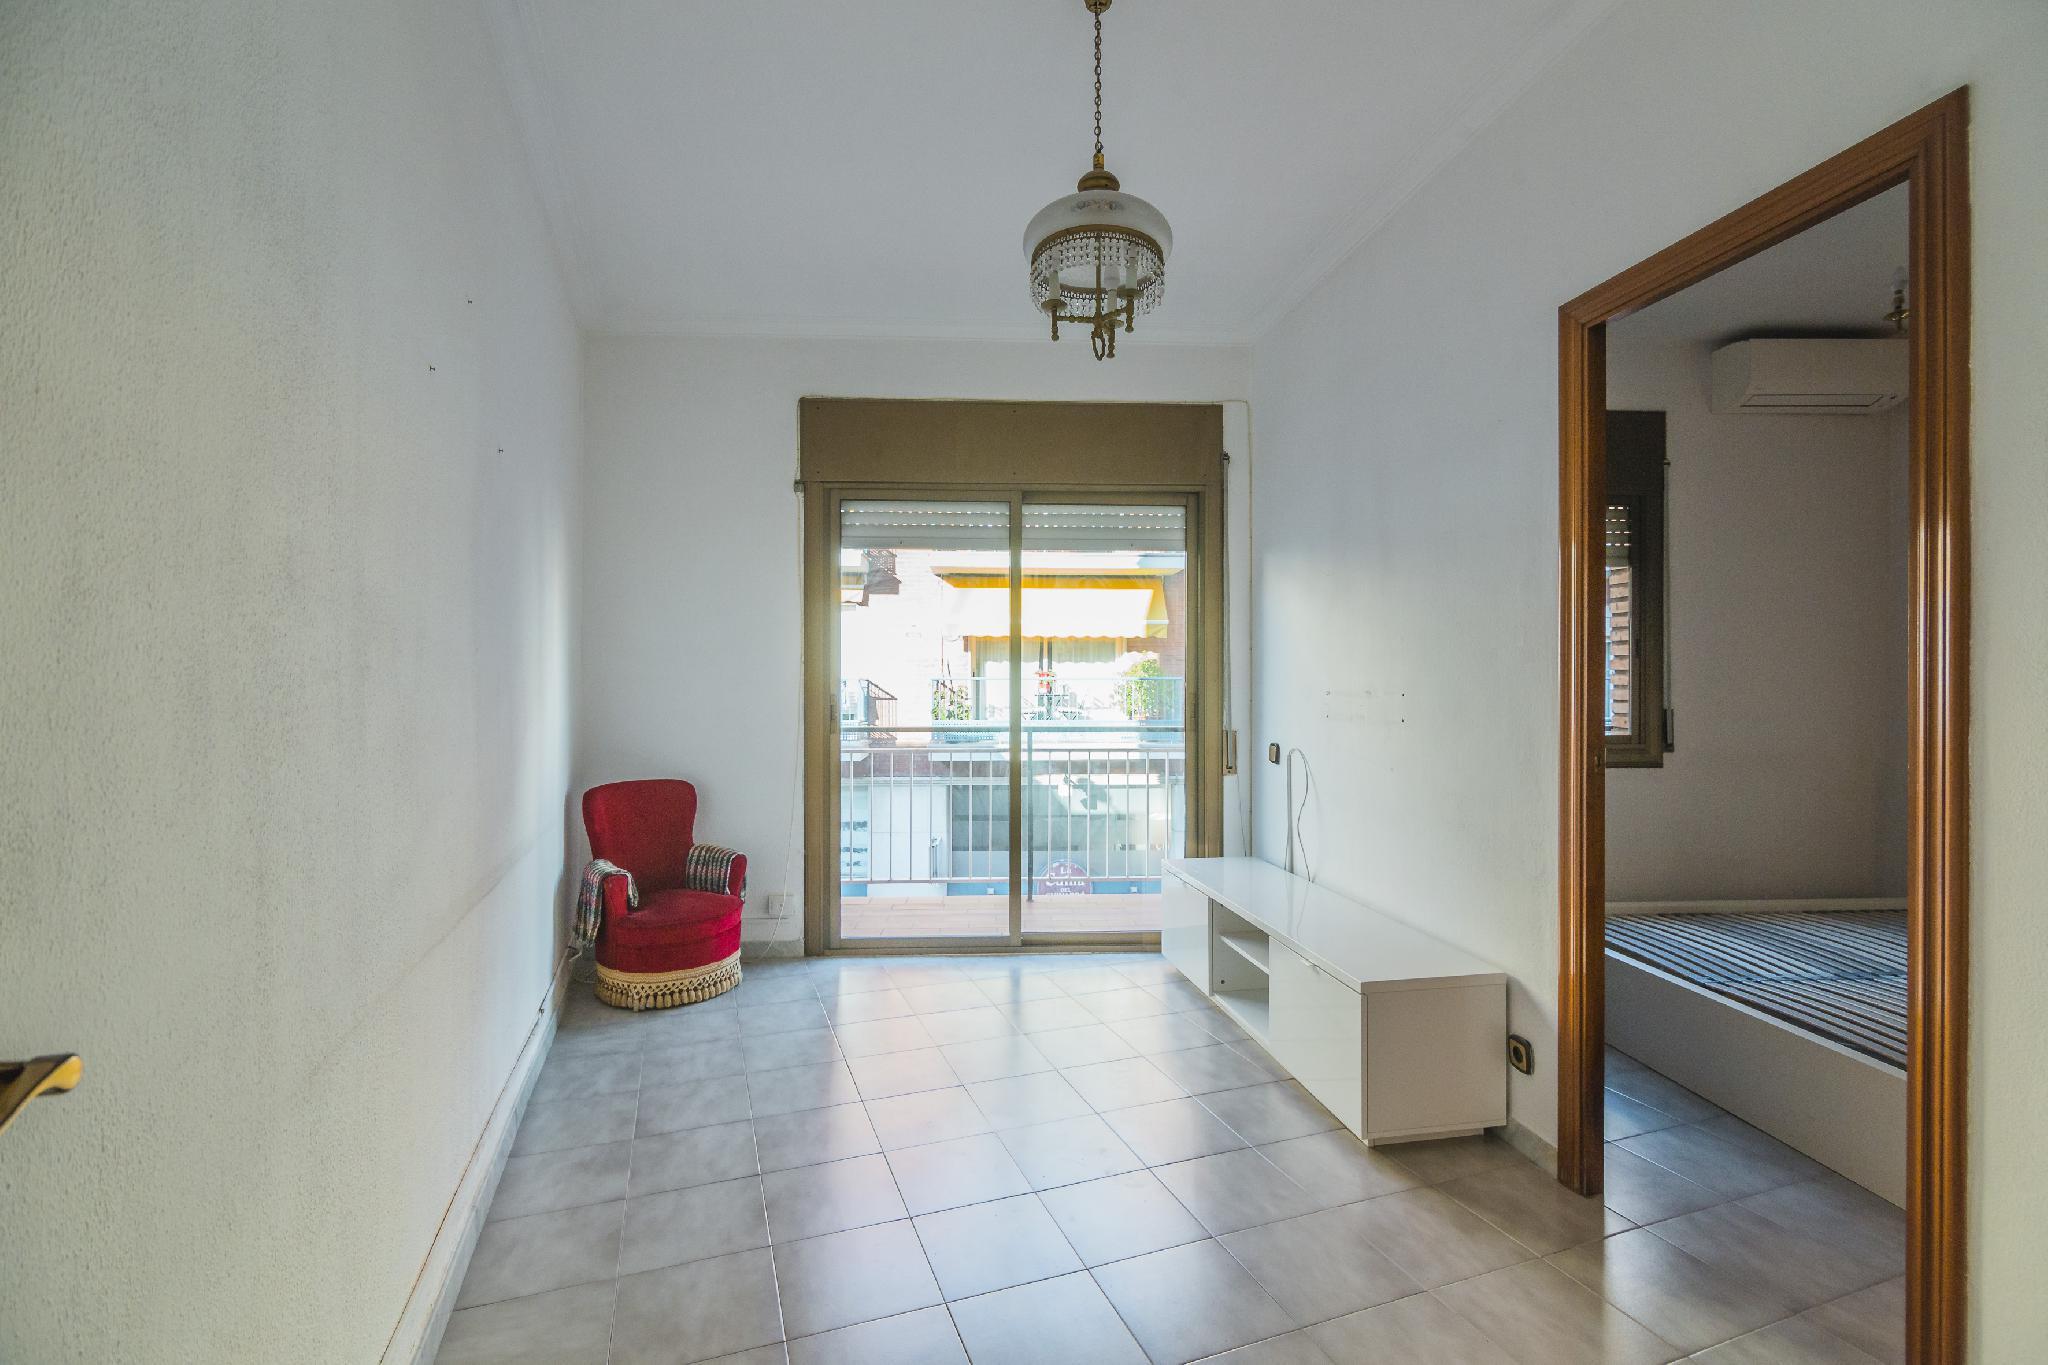 235207 - Piso en venta en Barcelona / Passatge Garrofers